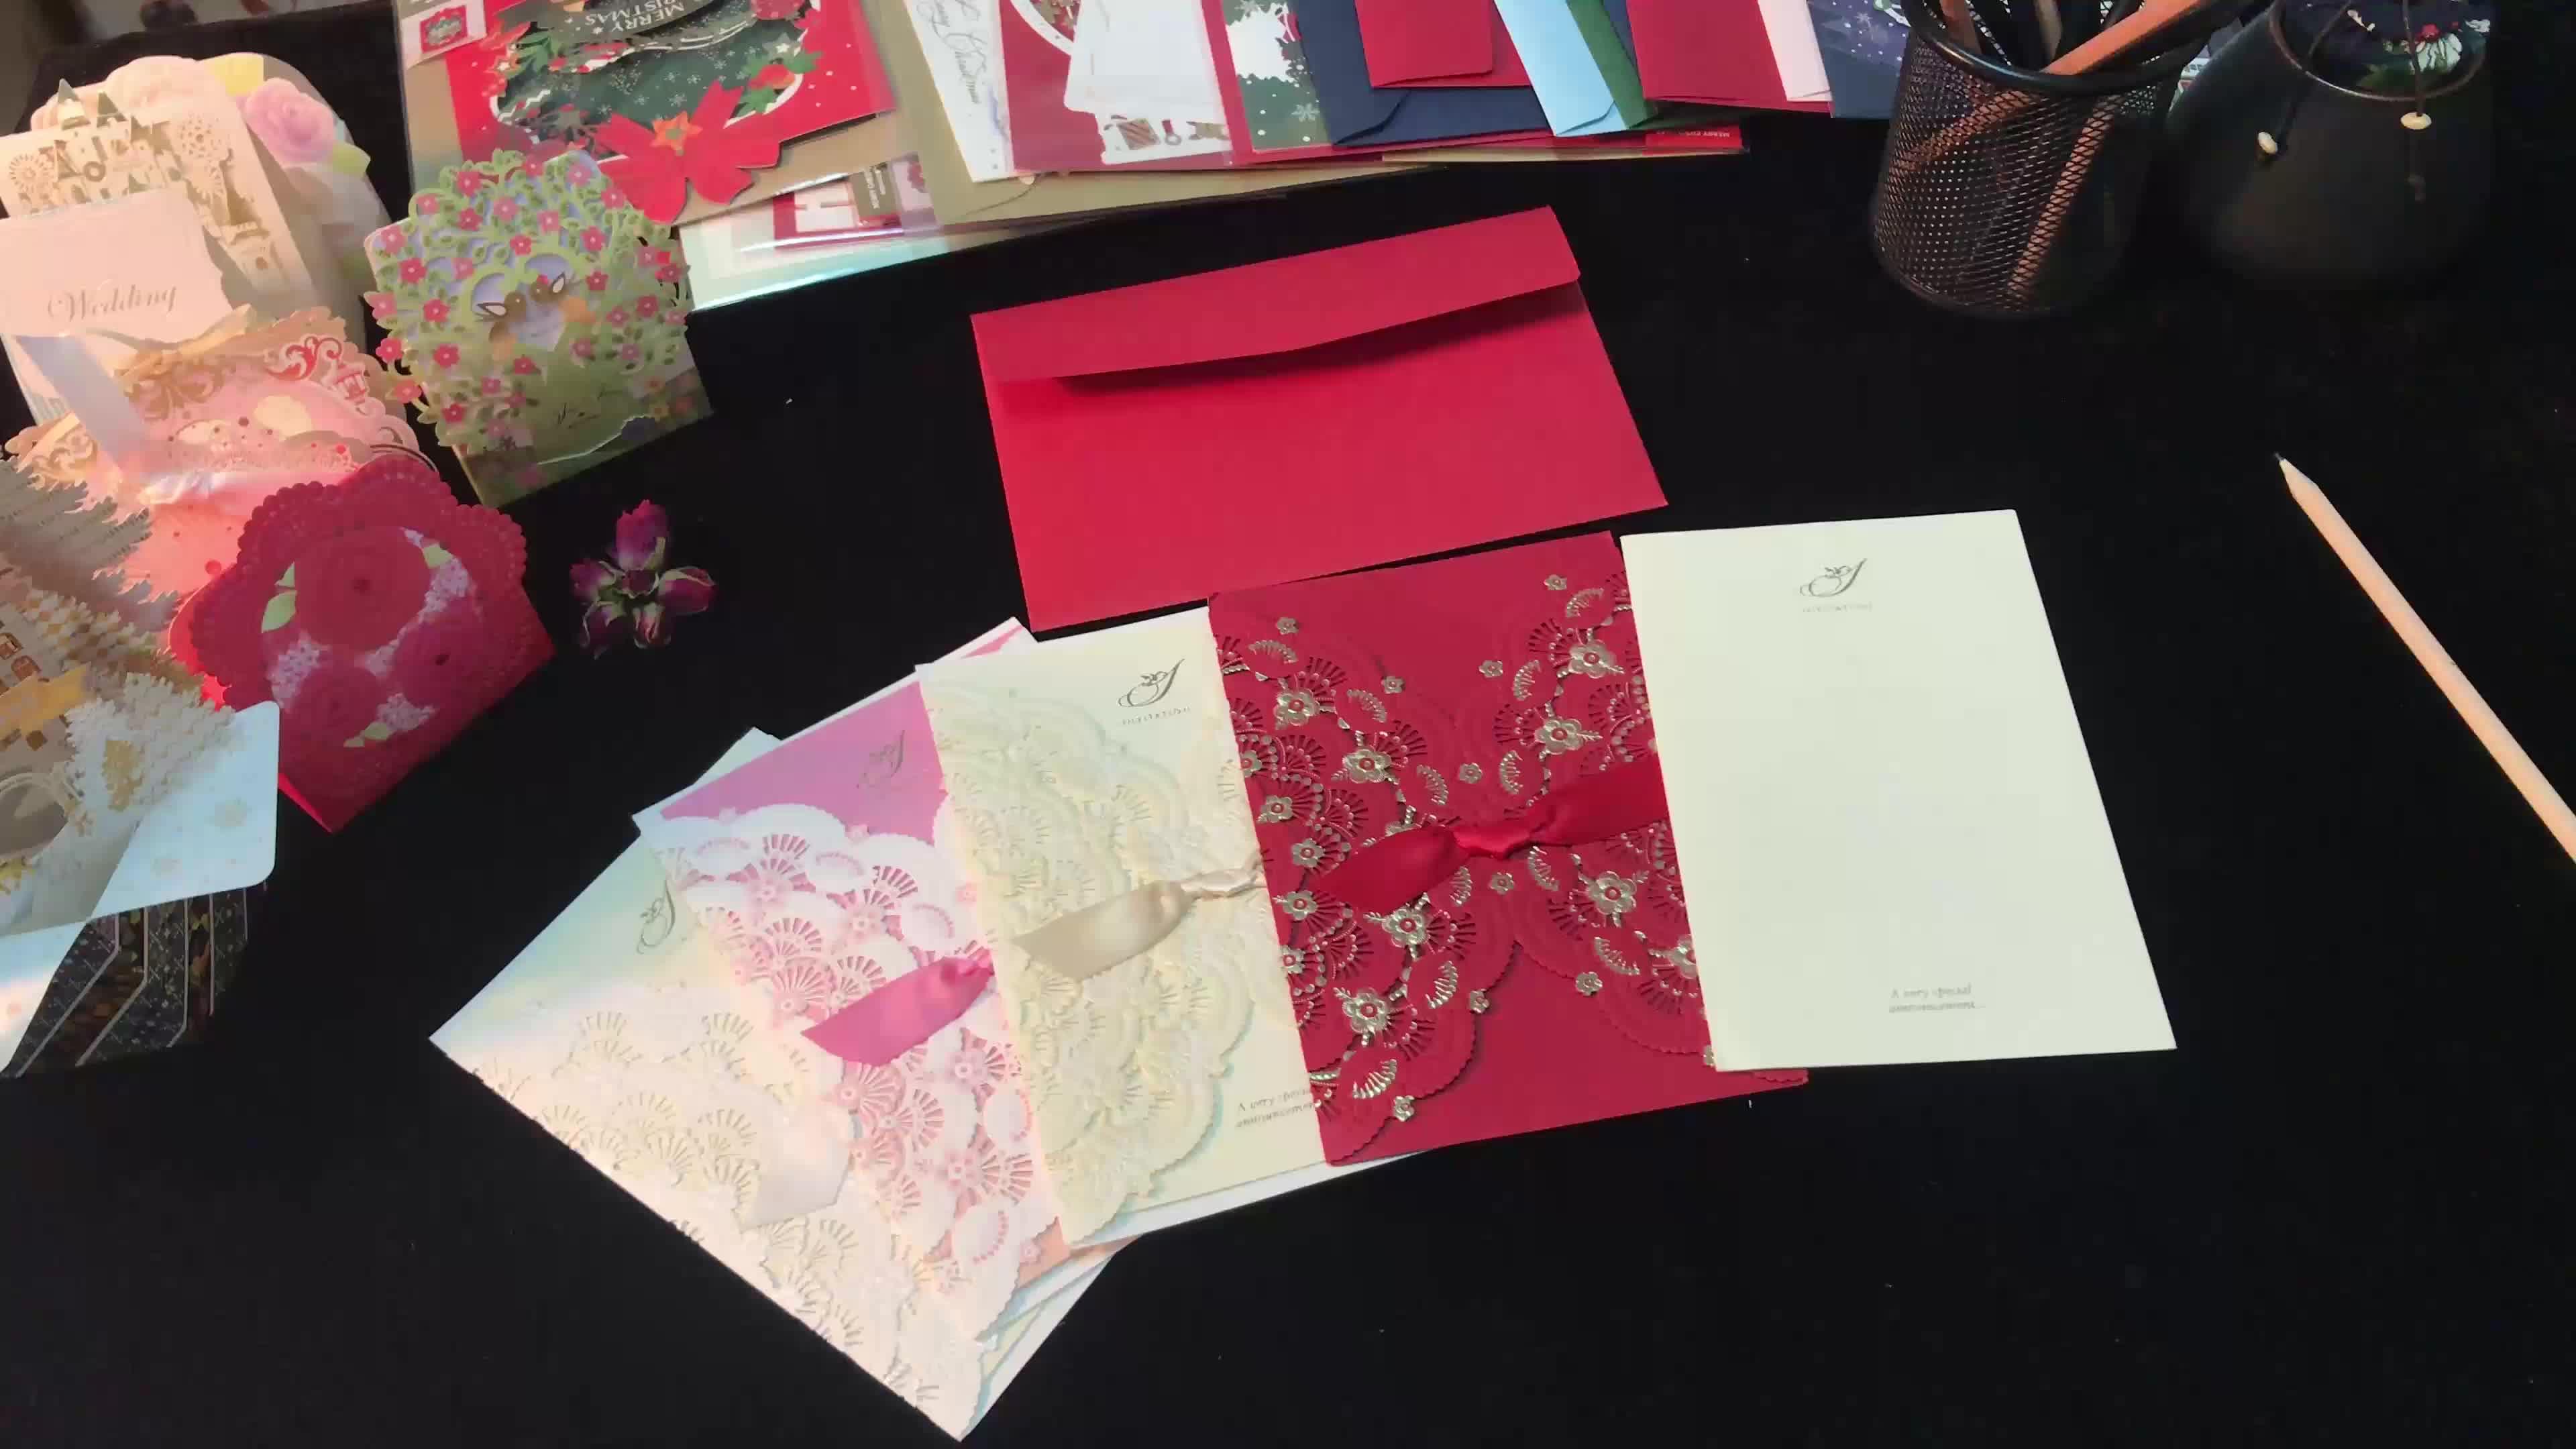 Corte A Laser Convites WISHMADE Vermelho Cartões com Envelope para o Aniversário de Casamento Nupcial Favor da Festa de Aniversário Do Chuveiro Luxuoso